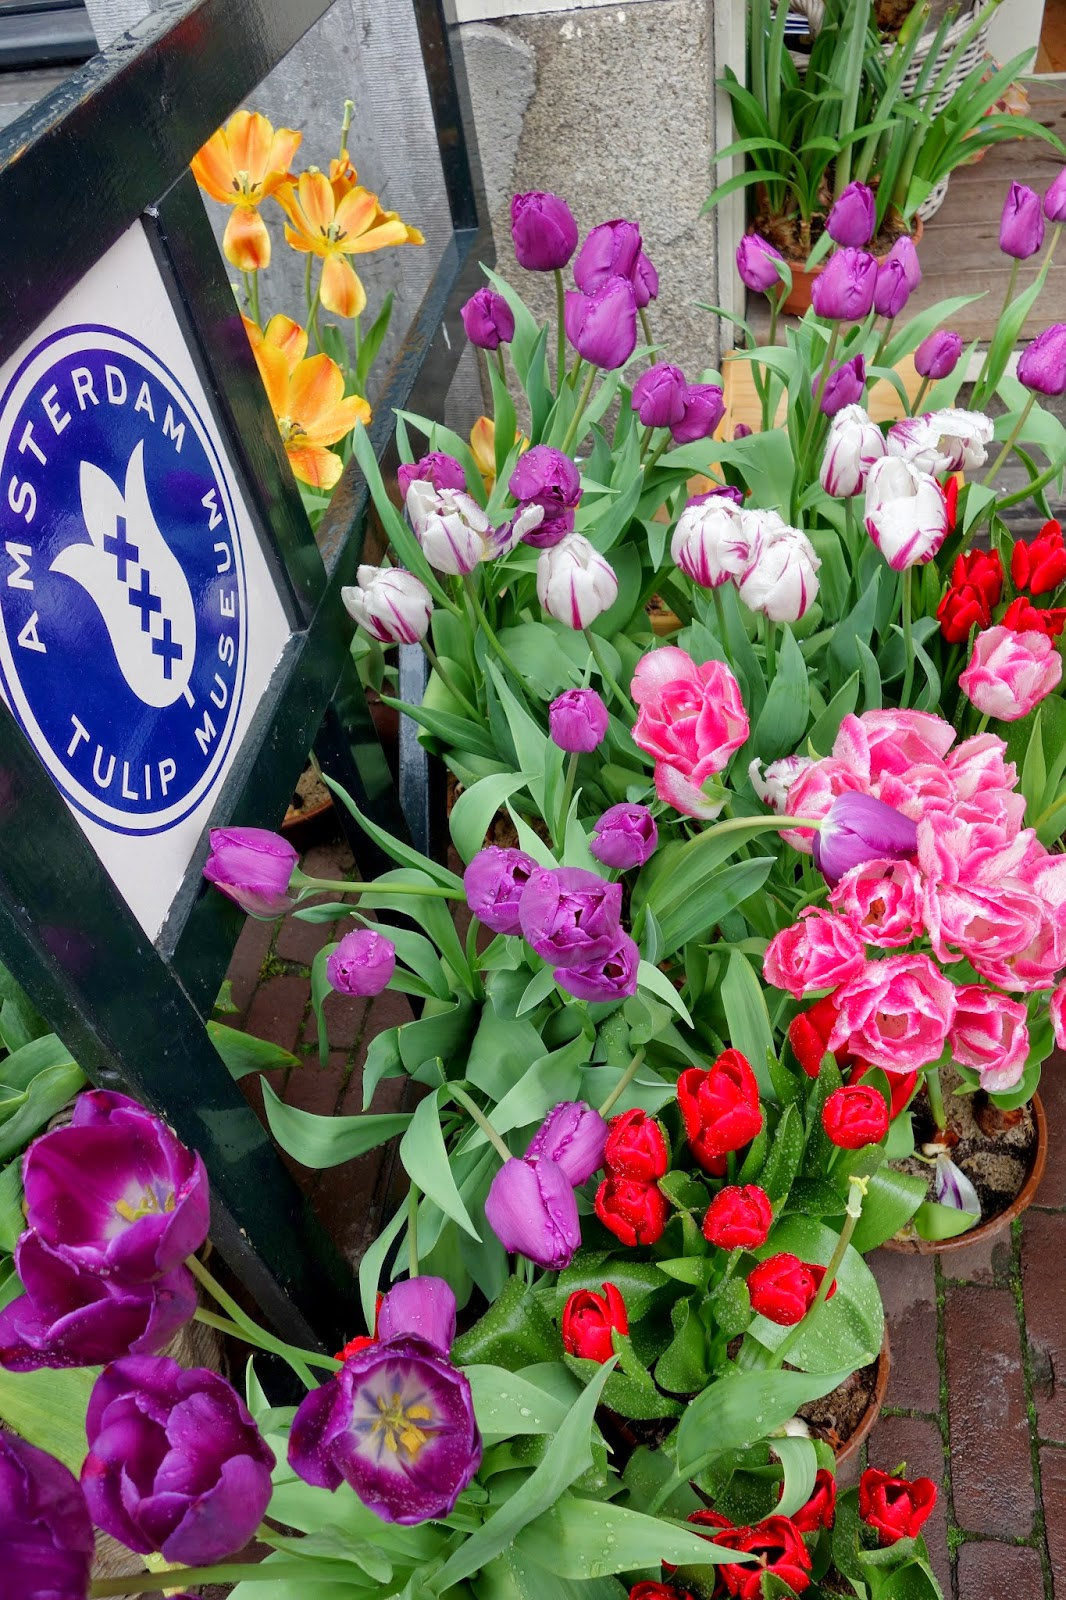 Tulip Museum, Amsterdam